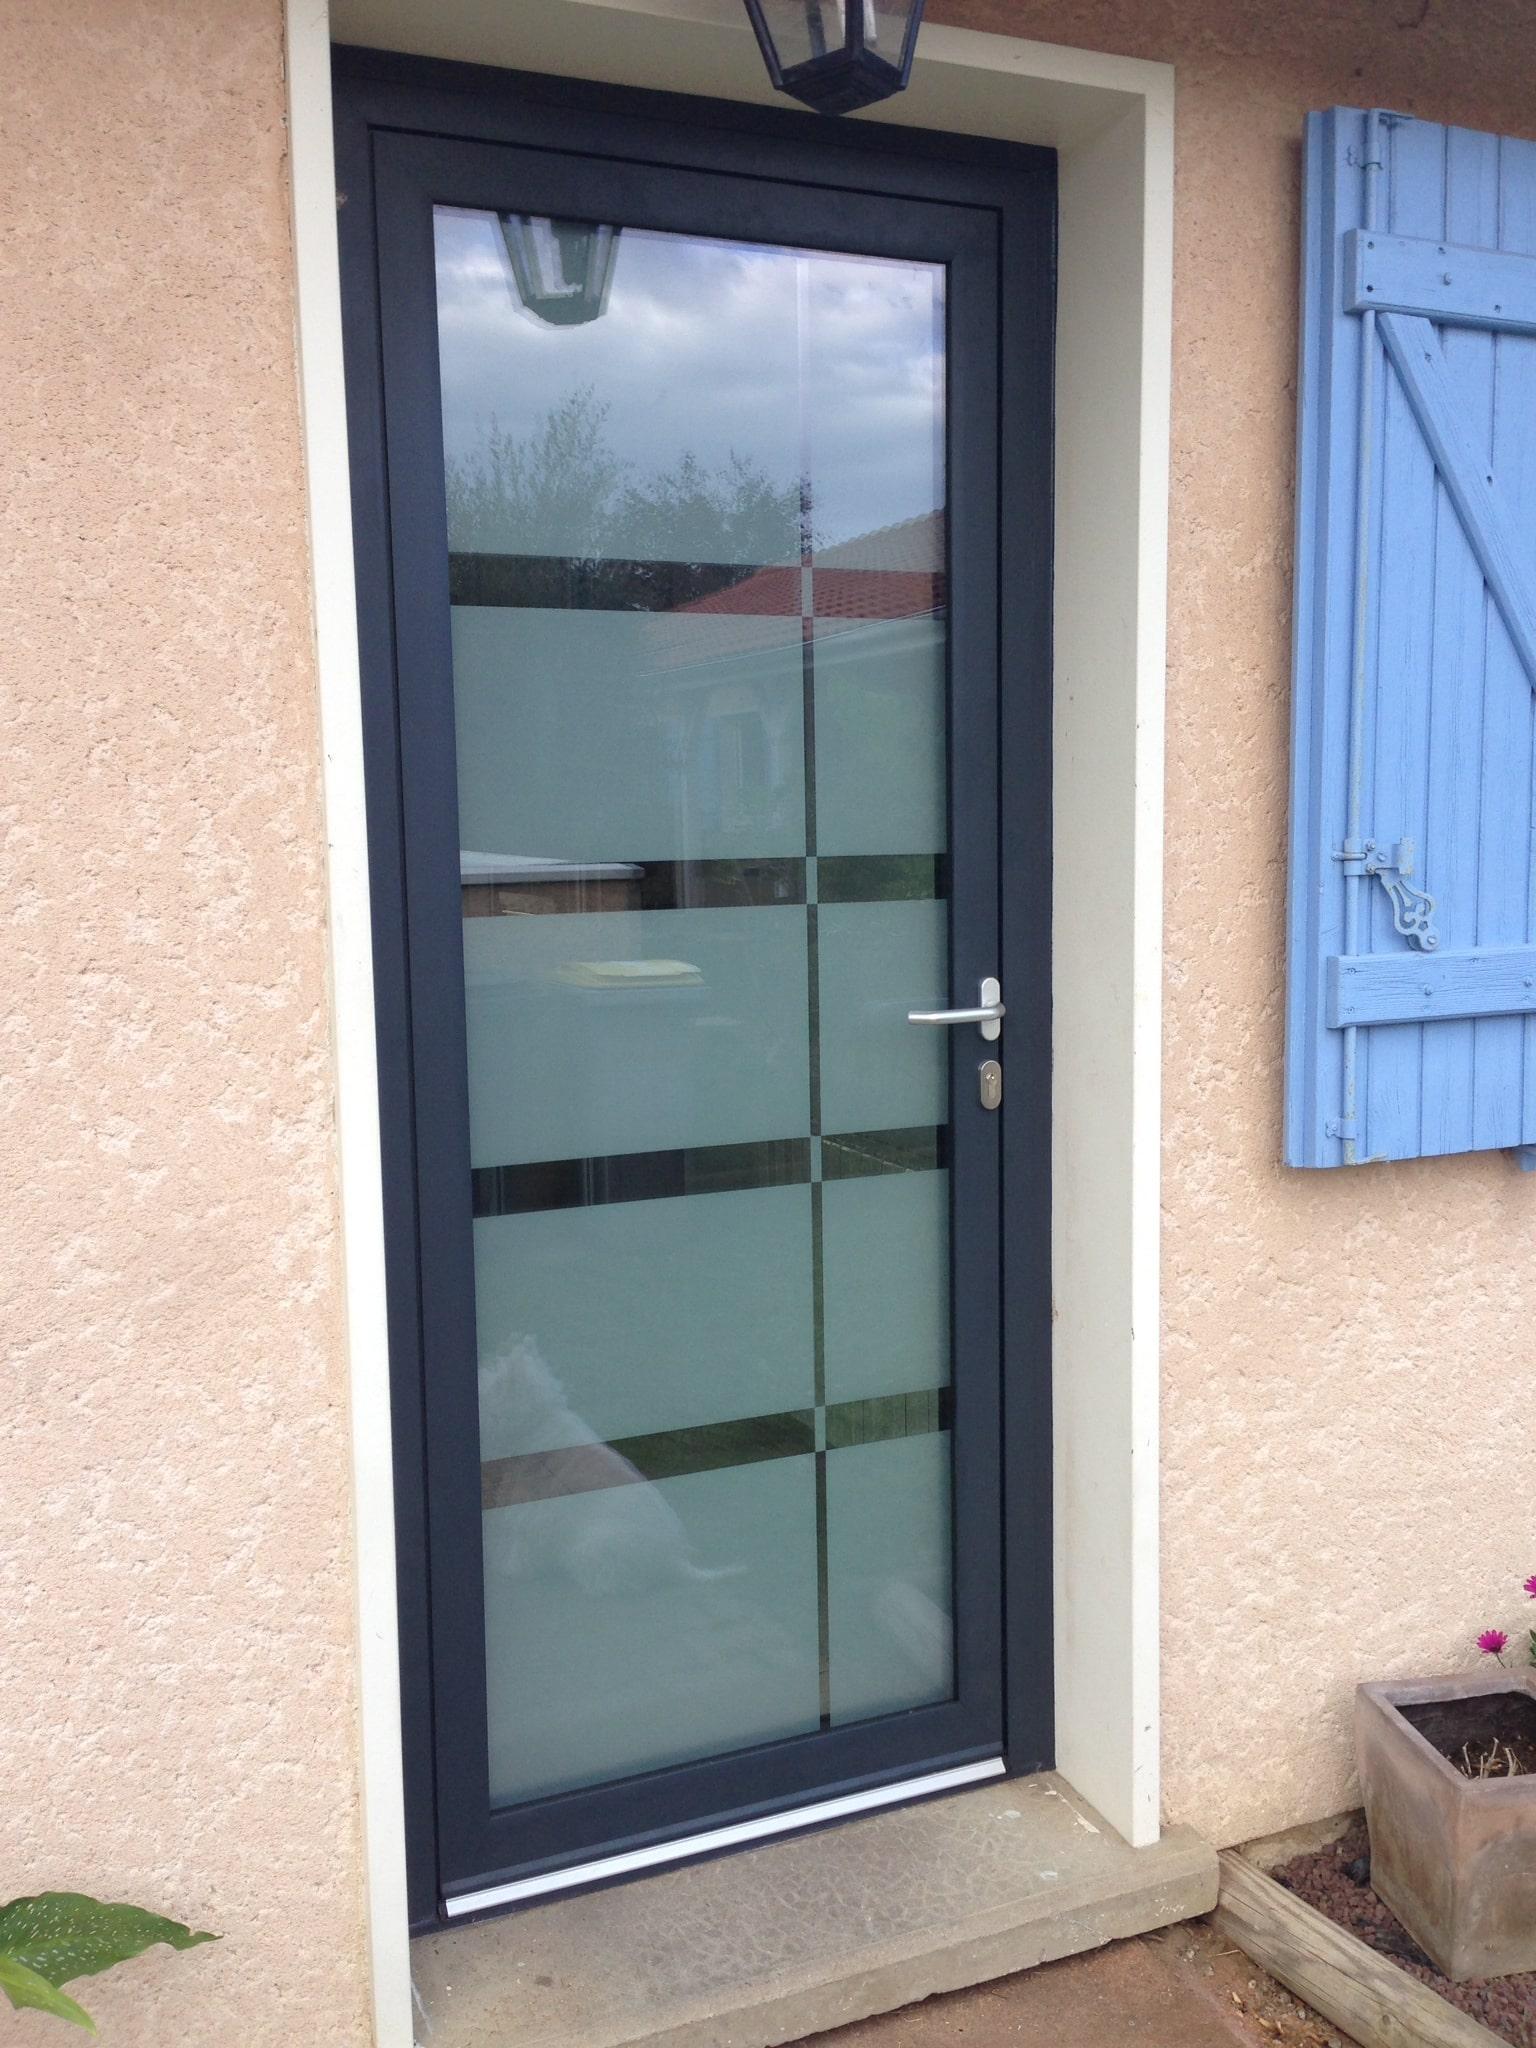 Besoin d'une porte en aluminium ? Situé à Lyon, Isolation Confort fabrique et pose vos menuiseries aluminium